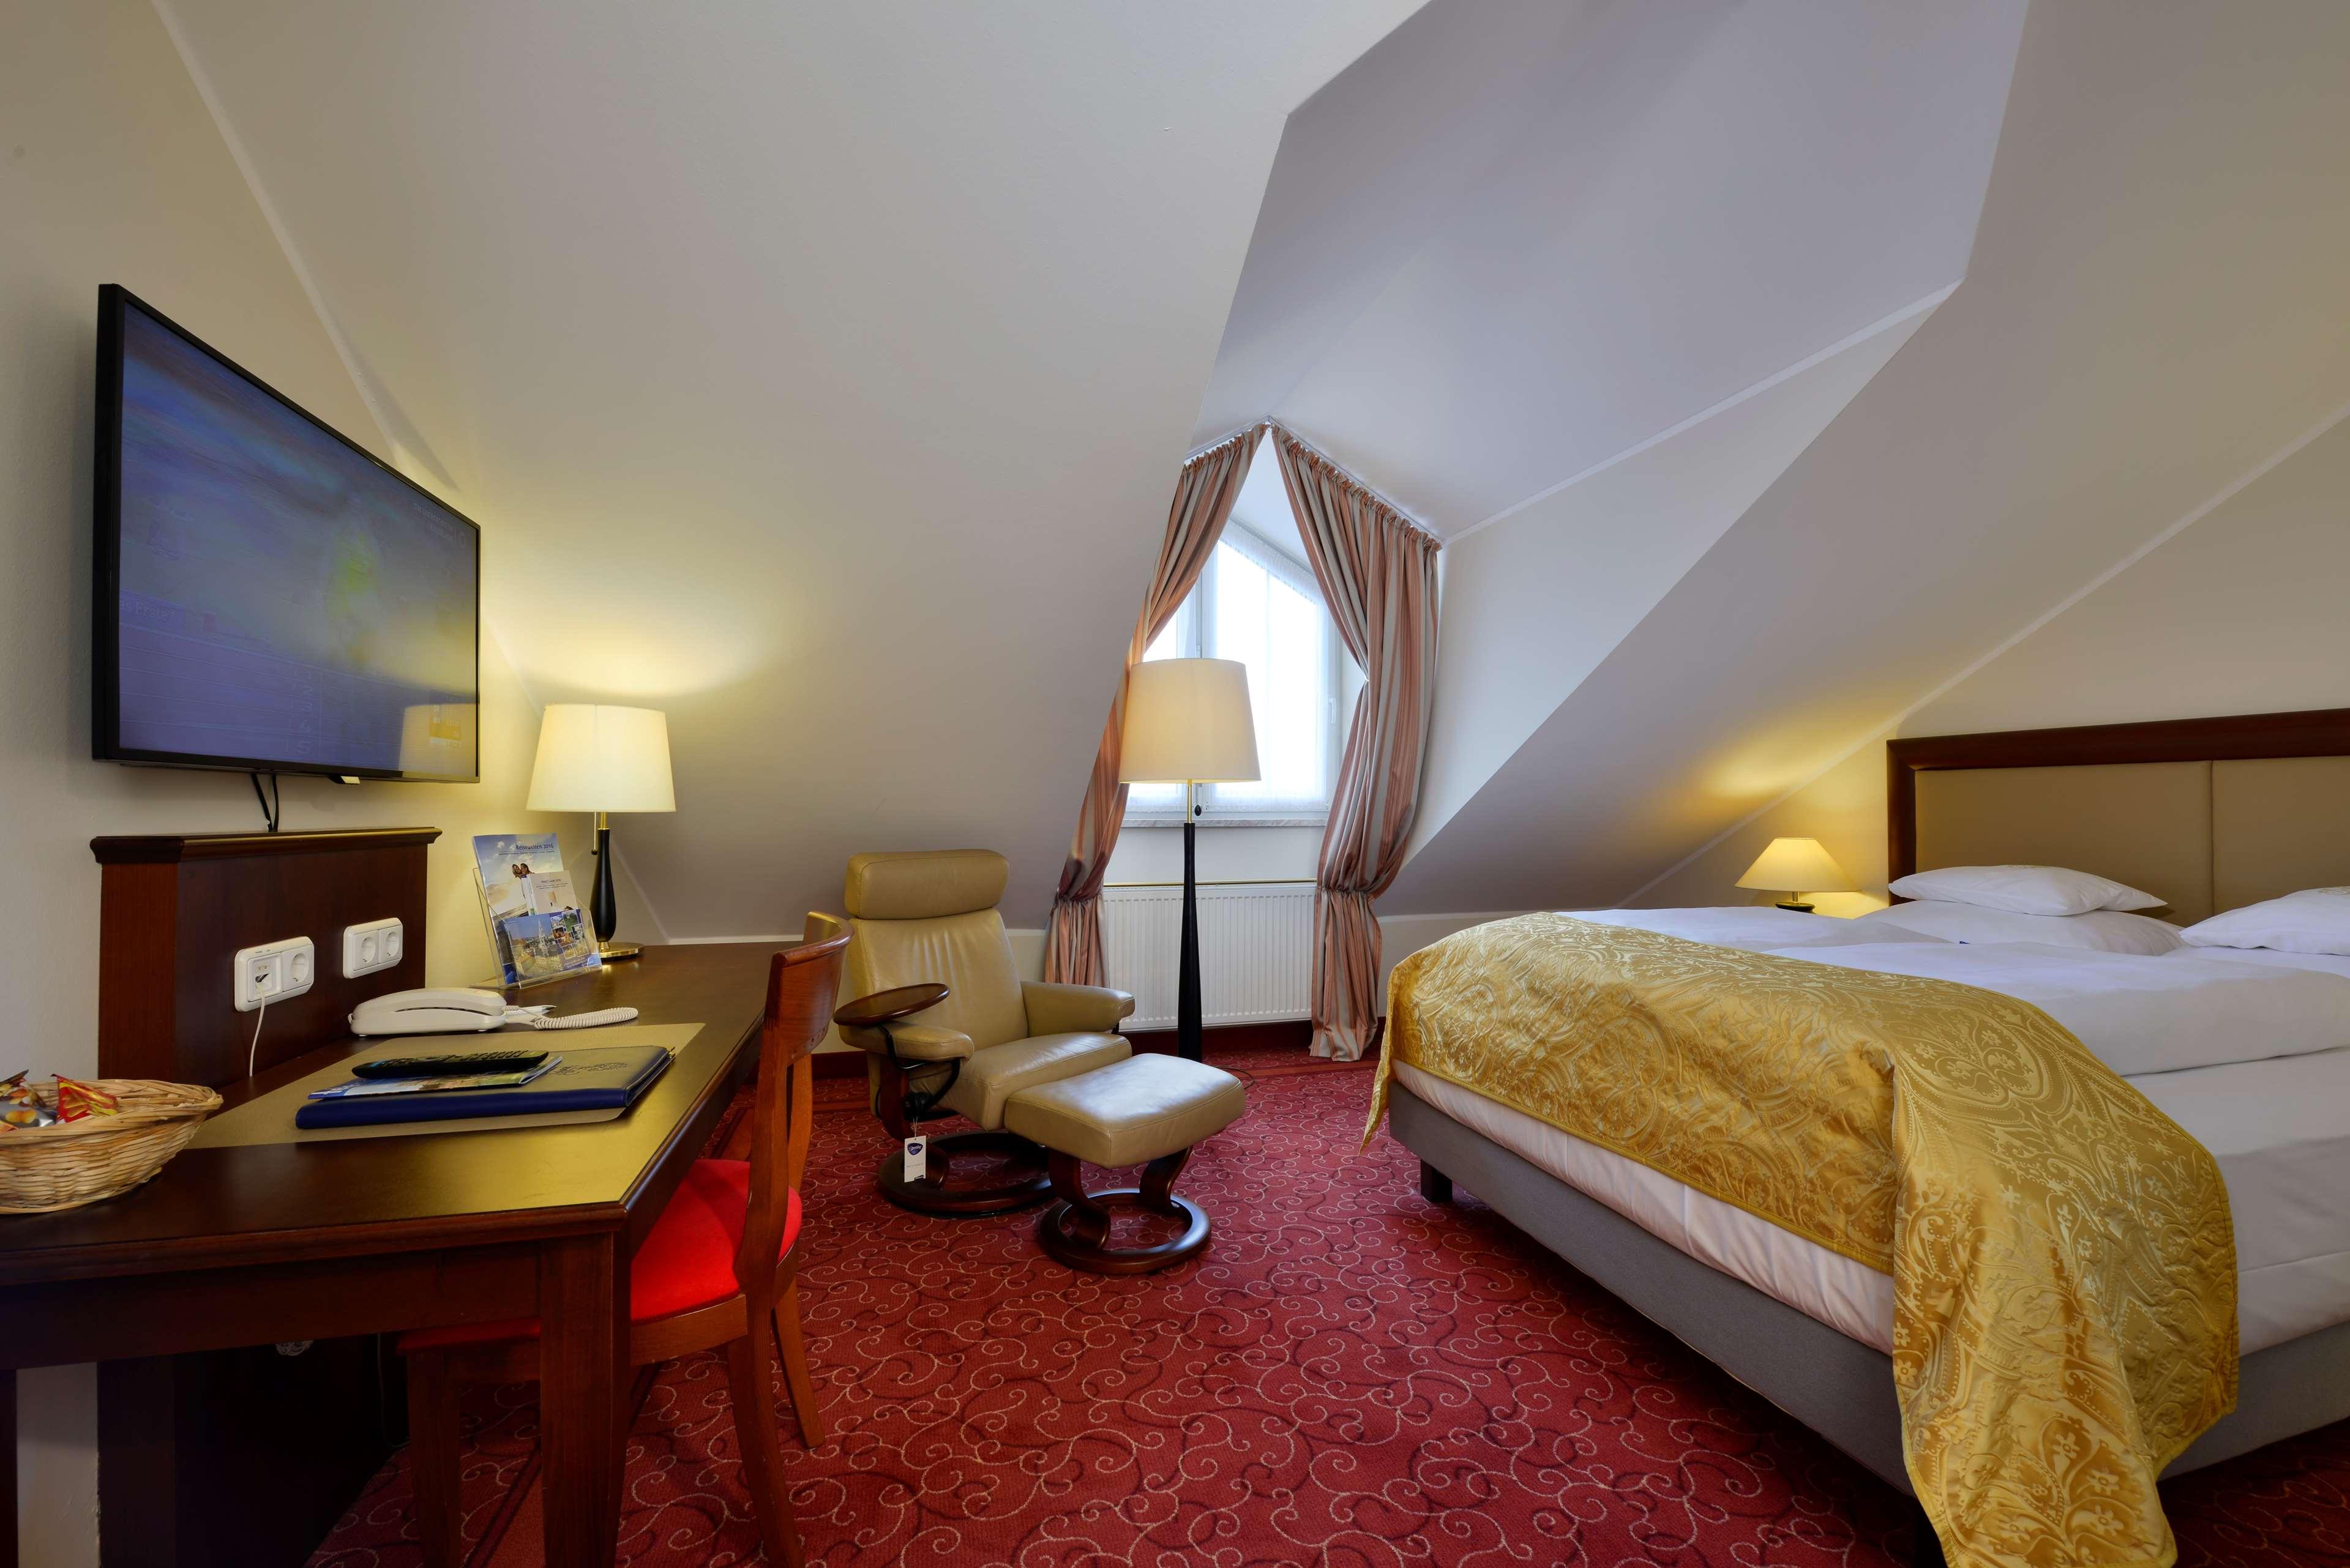 best western plus hotel erb hotels hotels restaurants. Black Bedroom Furniture Sets. Home Design Ideas